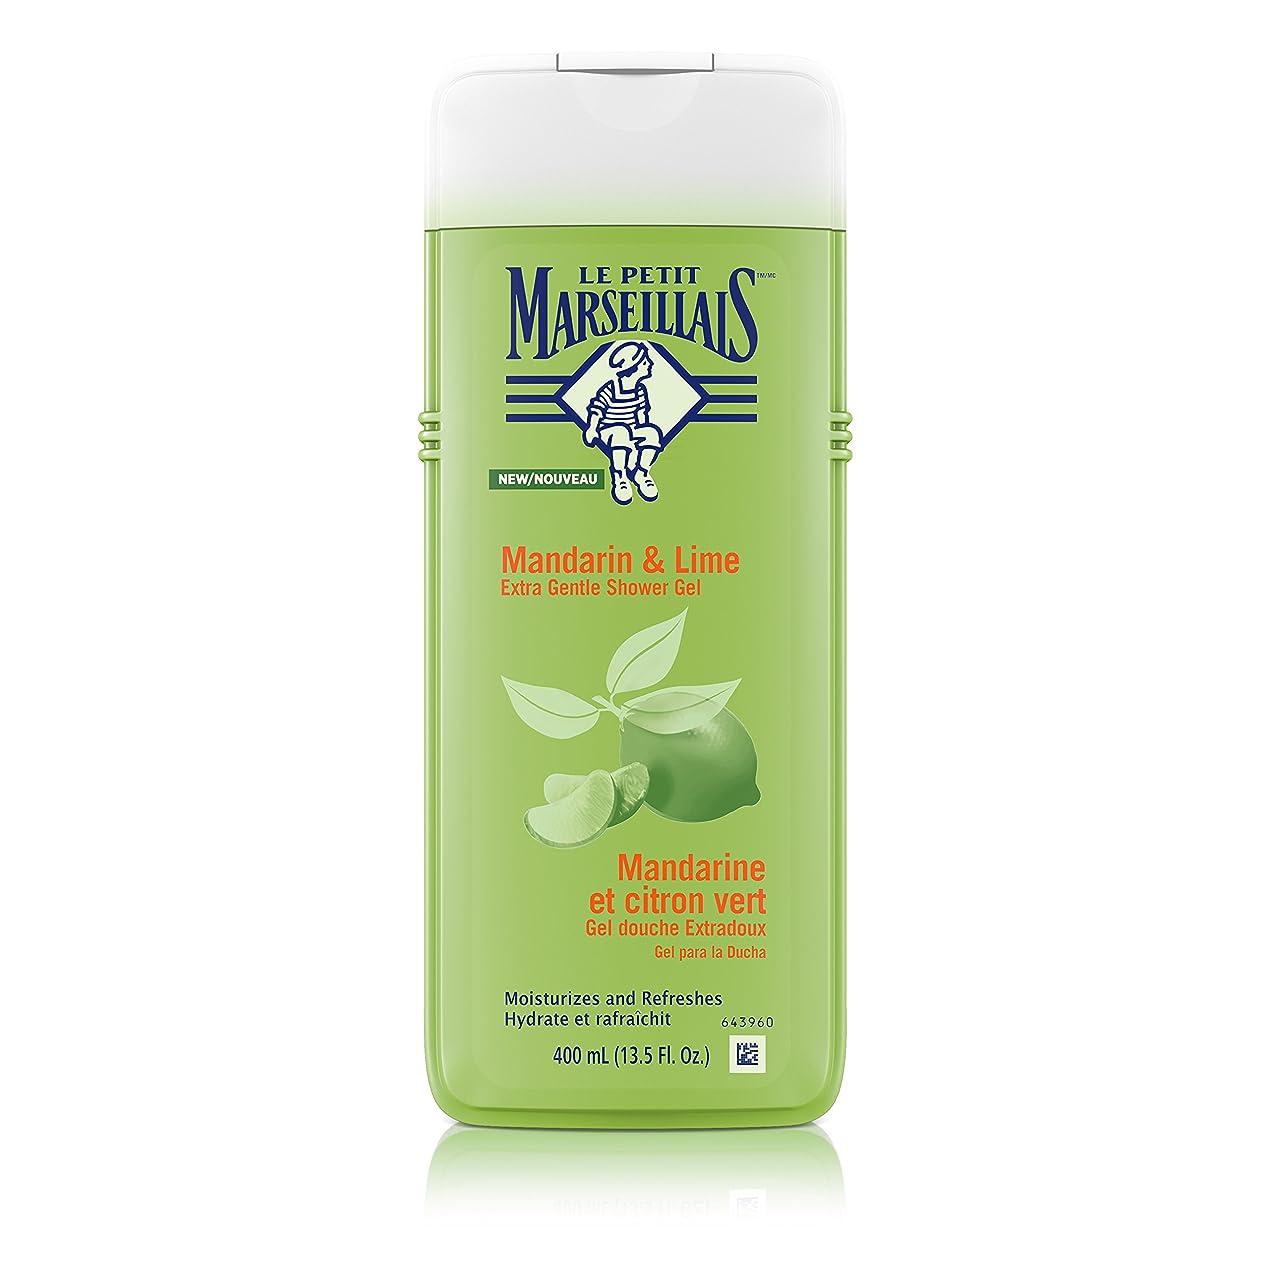 サンダー排泄物立法Le Petit Marseillais スキン中性pH、13.5フロリダのためにマンダリン&ライム、保湿&リフレッシングフランスのボディウォッシュ付きエクストラジェントルシャワージェル。オズ